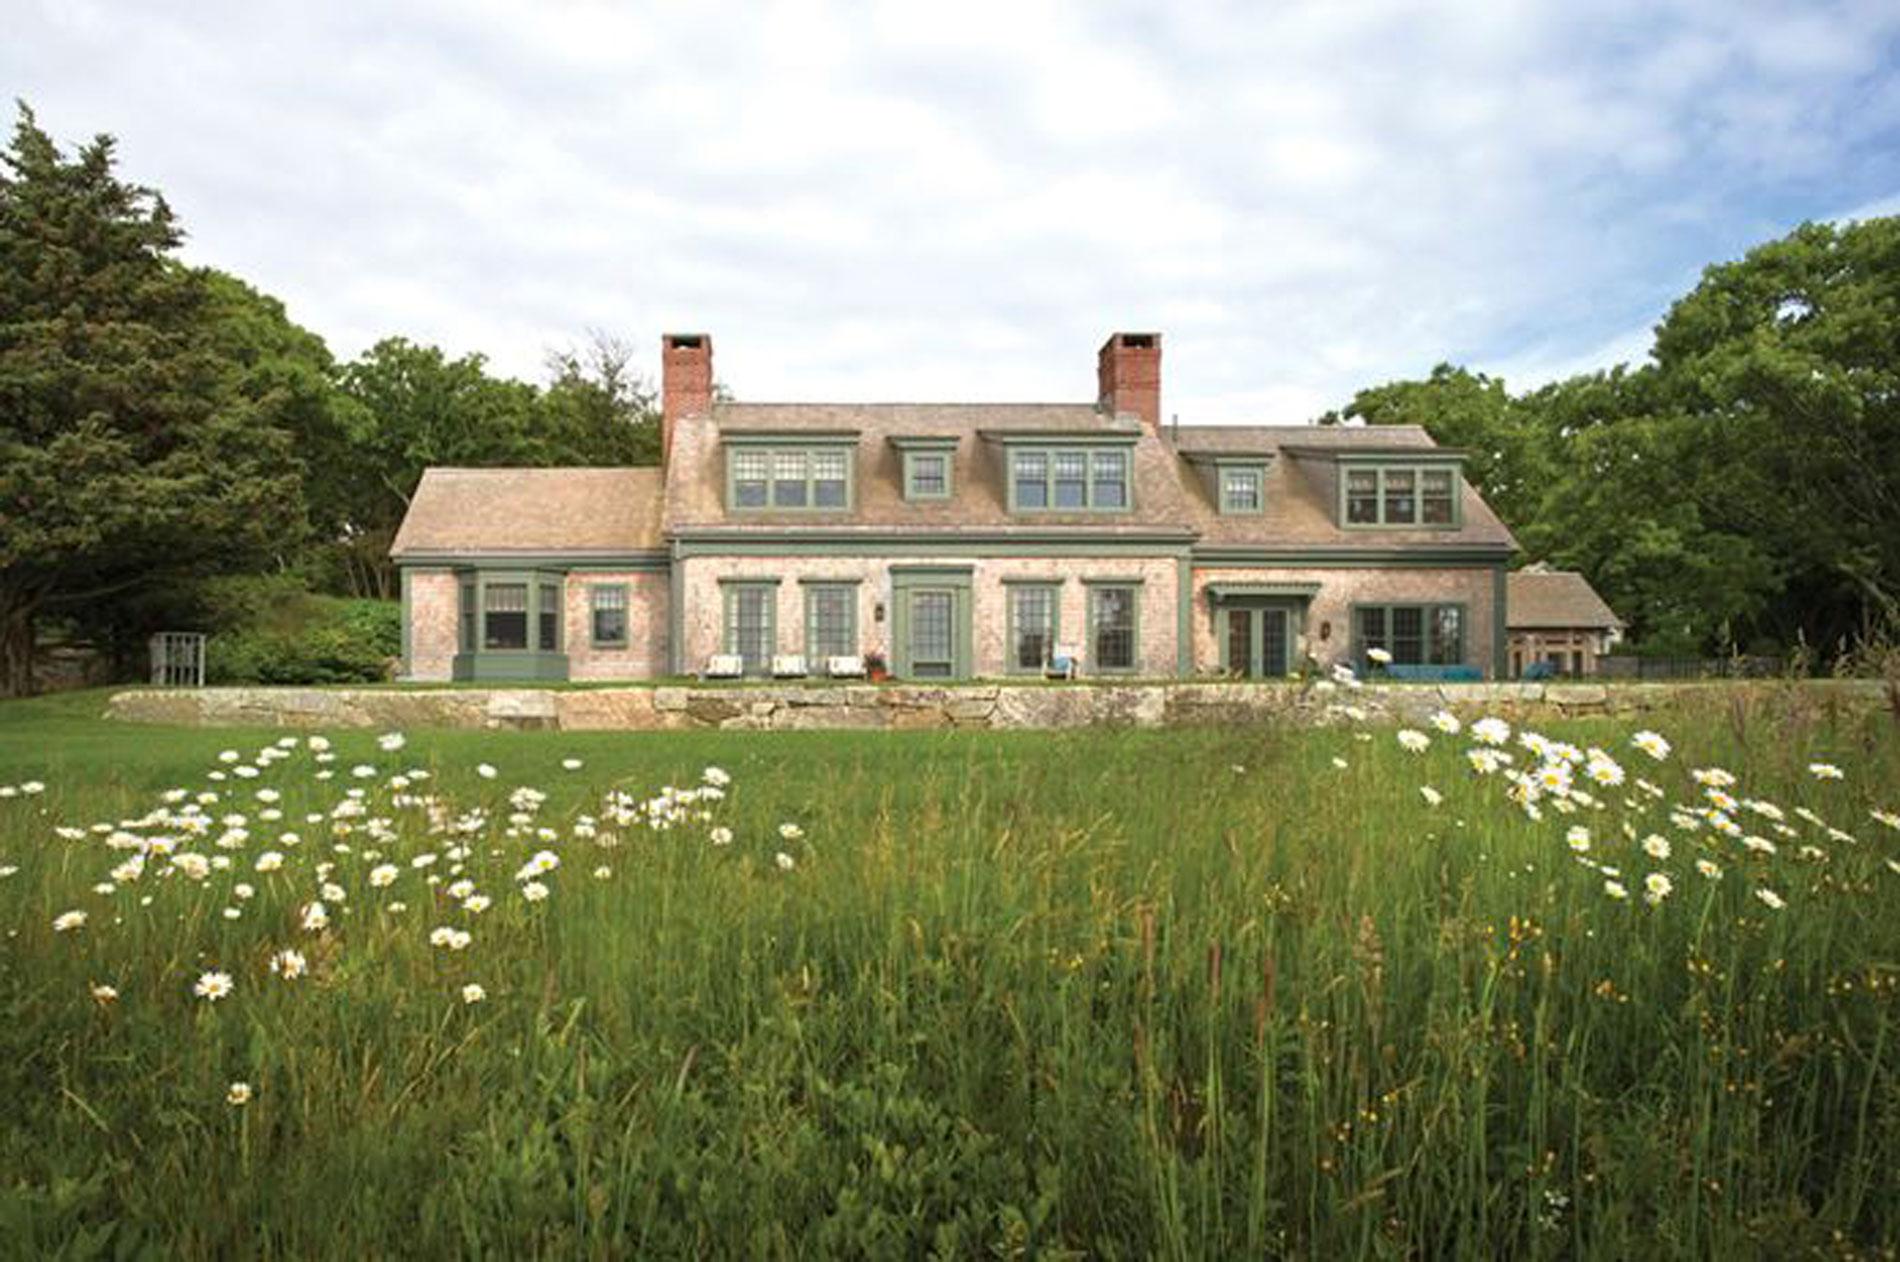 Martha's Vineyard Residence, Chilmark, Massachusetts